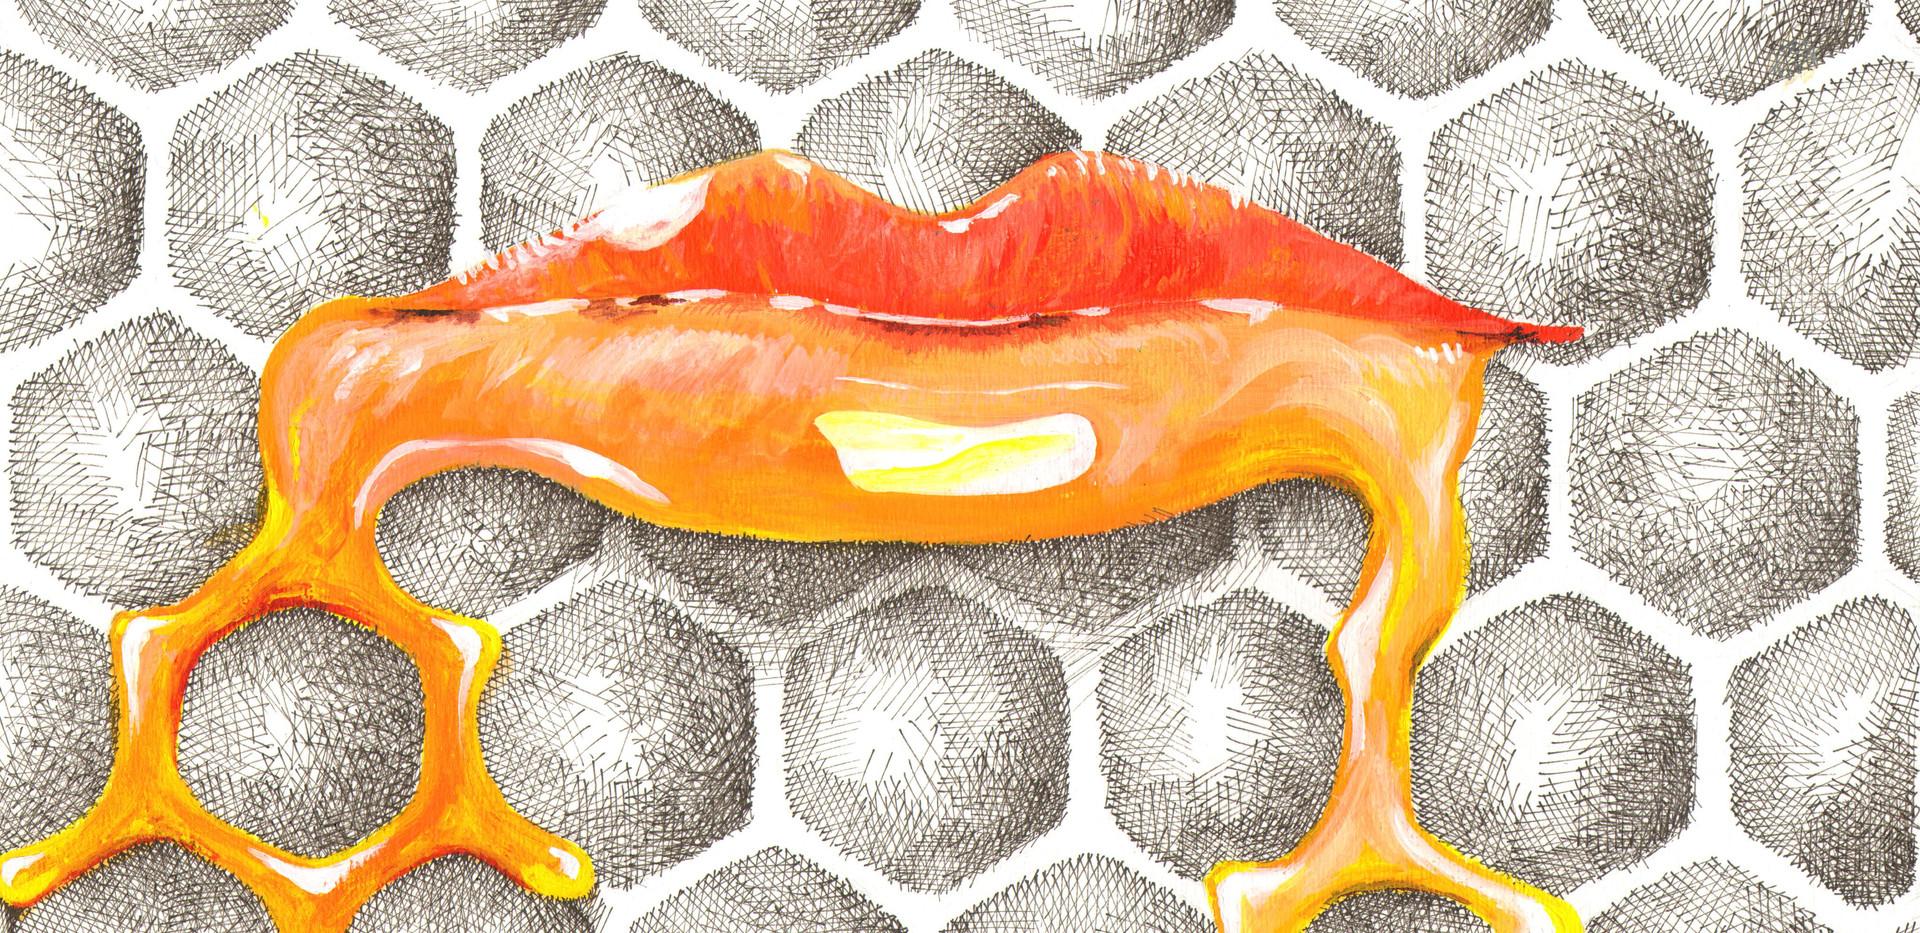 012 A Taste Of Honey